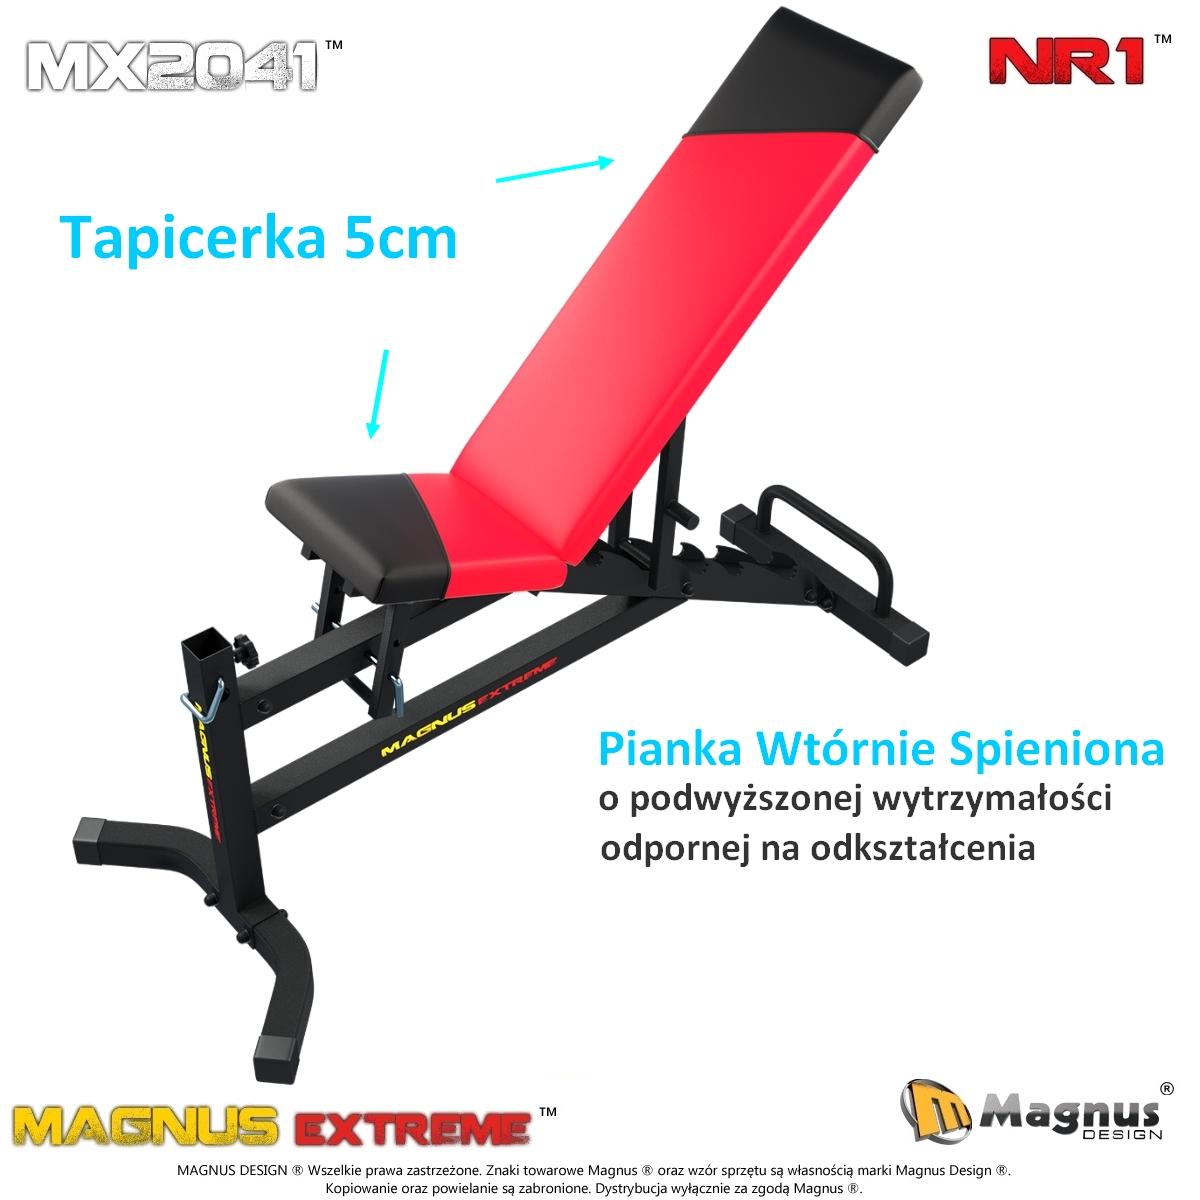 Wytrzymała ławka do ćwiczeń od Magnus Design